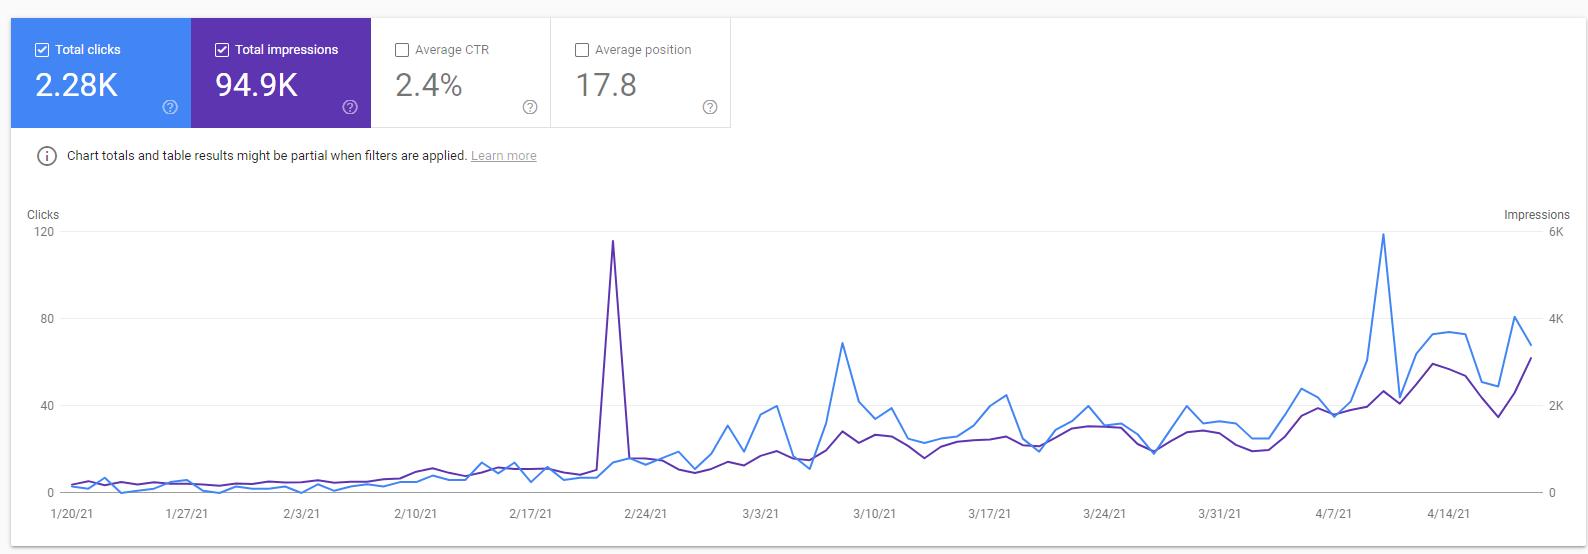 Скриншот линии тренда Google Analytics, показывающий устойчивый рост показов (фиолетовая линия) и кликов (синяя линия) ) в период с февраля по апрель 2021 года.